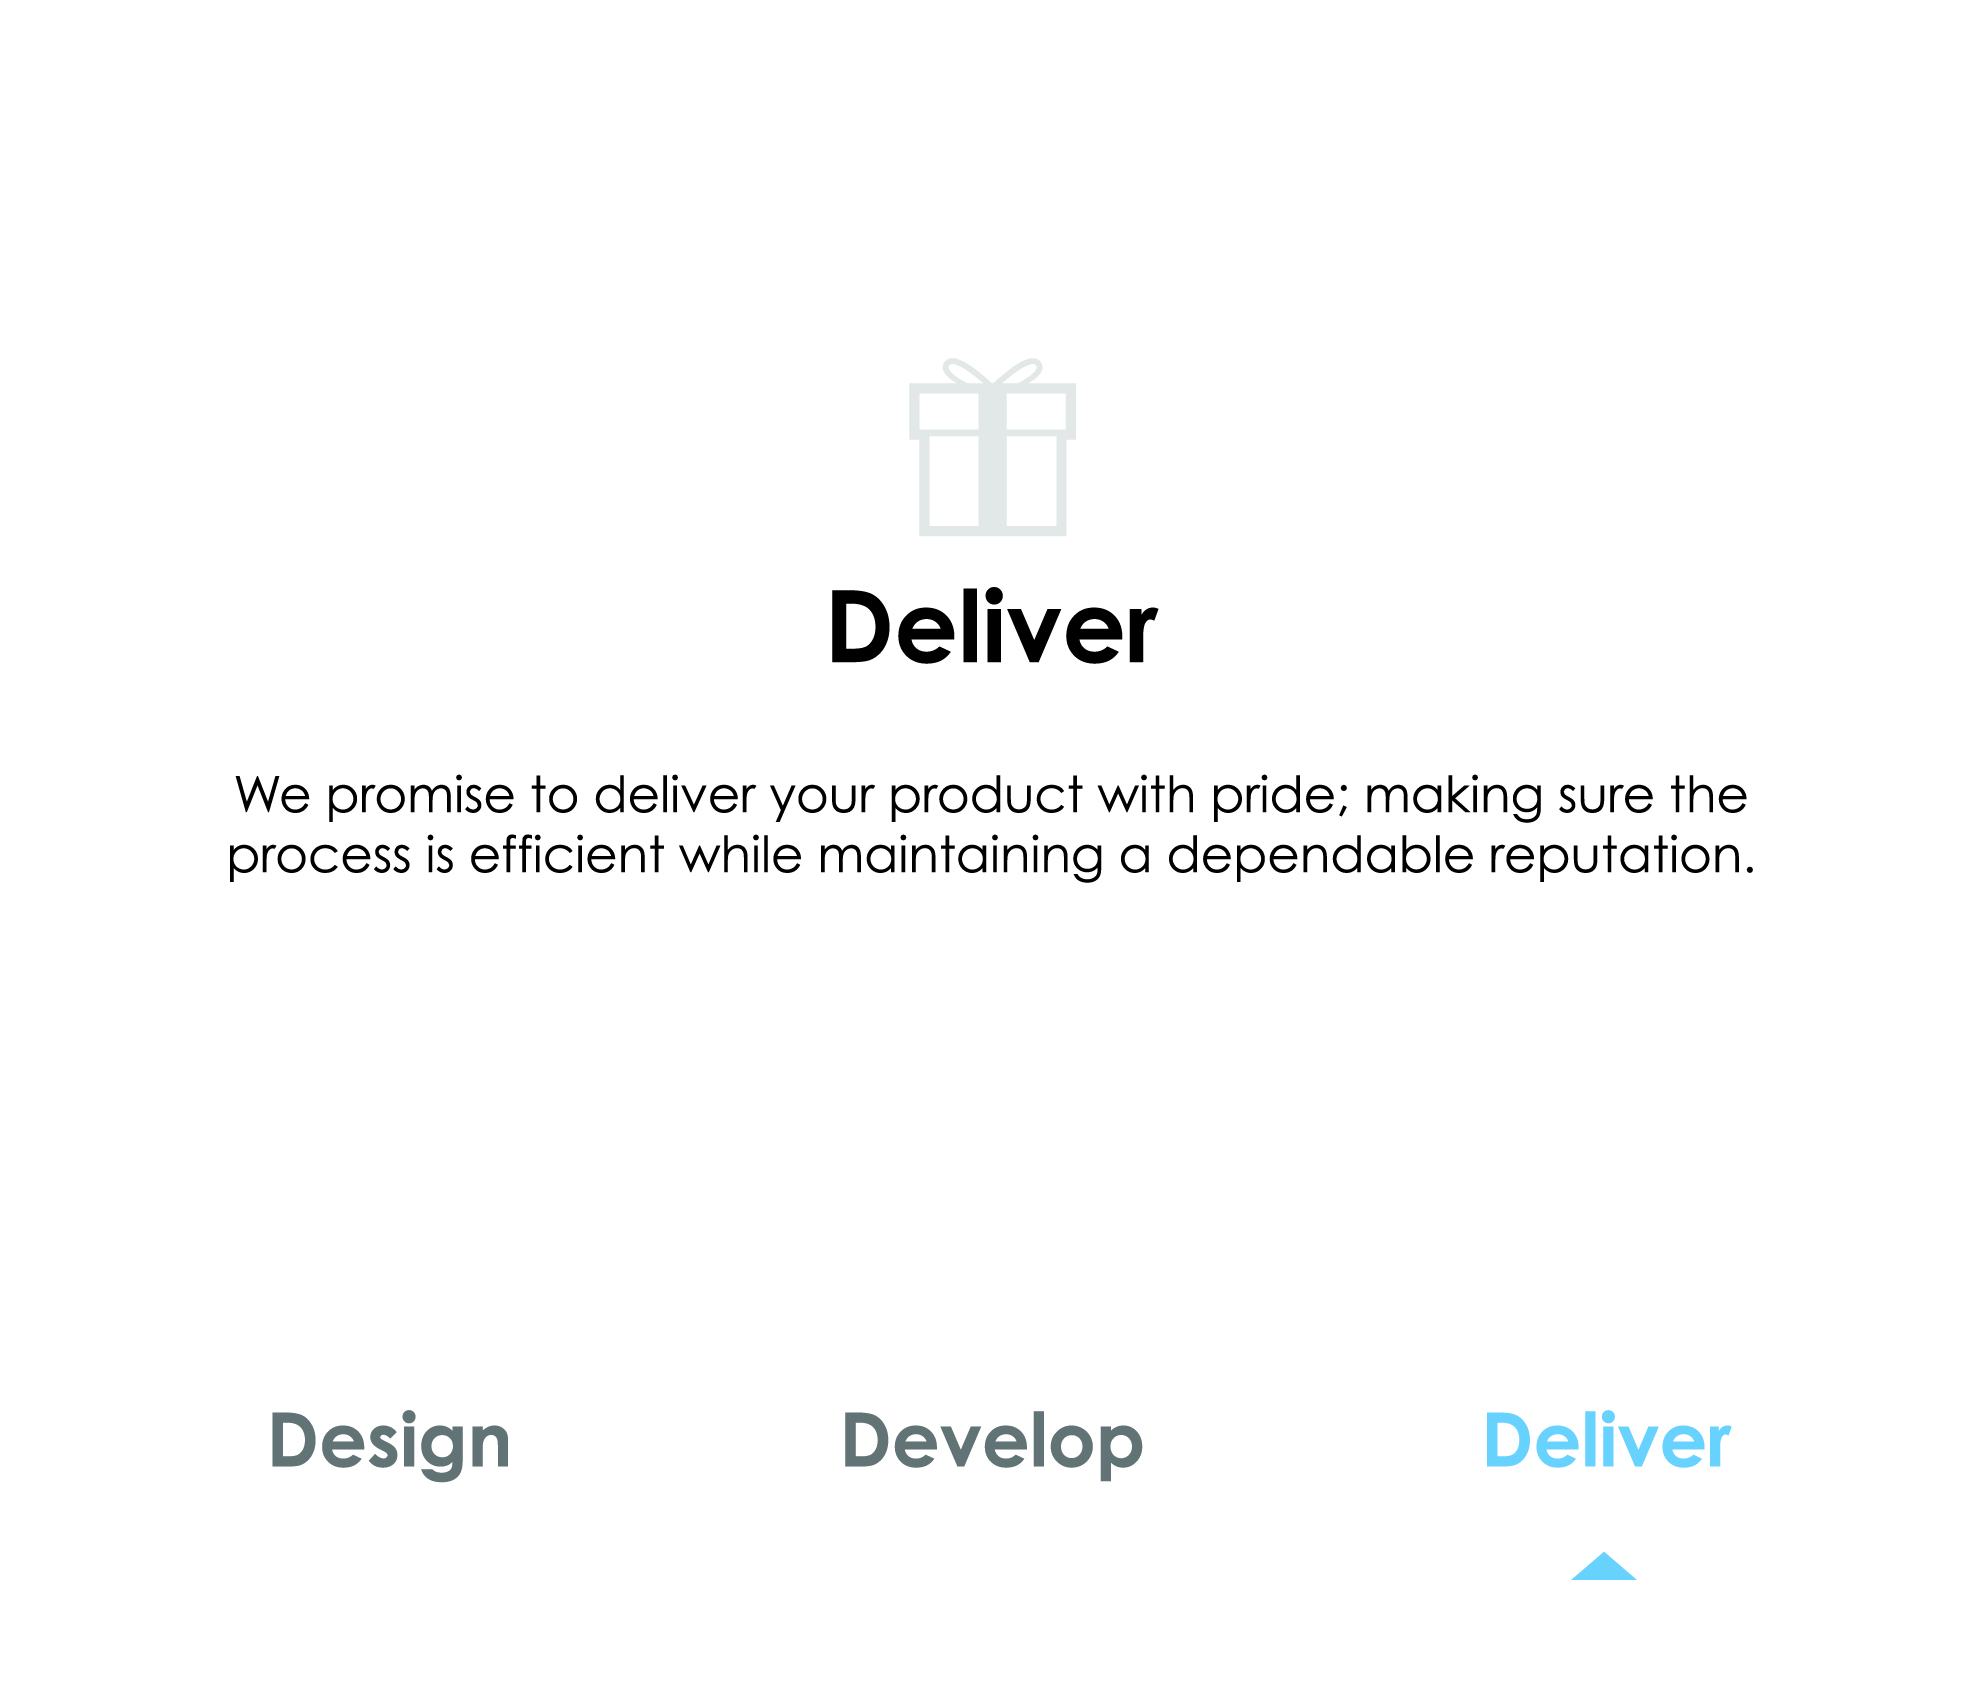 deliver-09.jpg